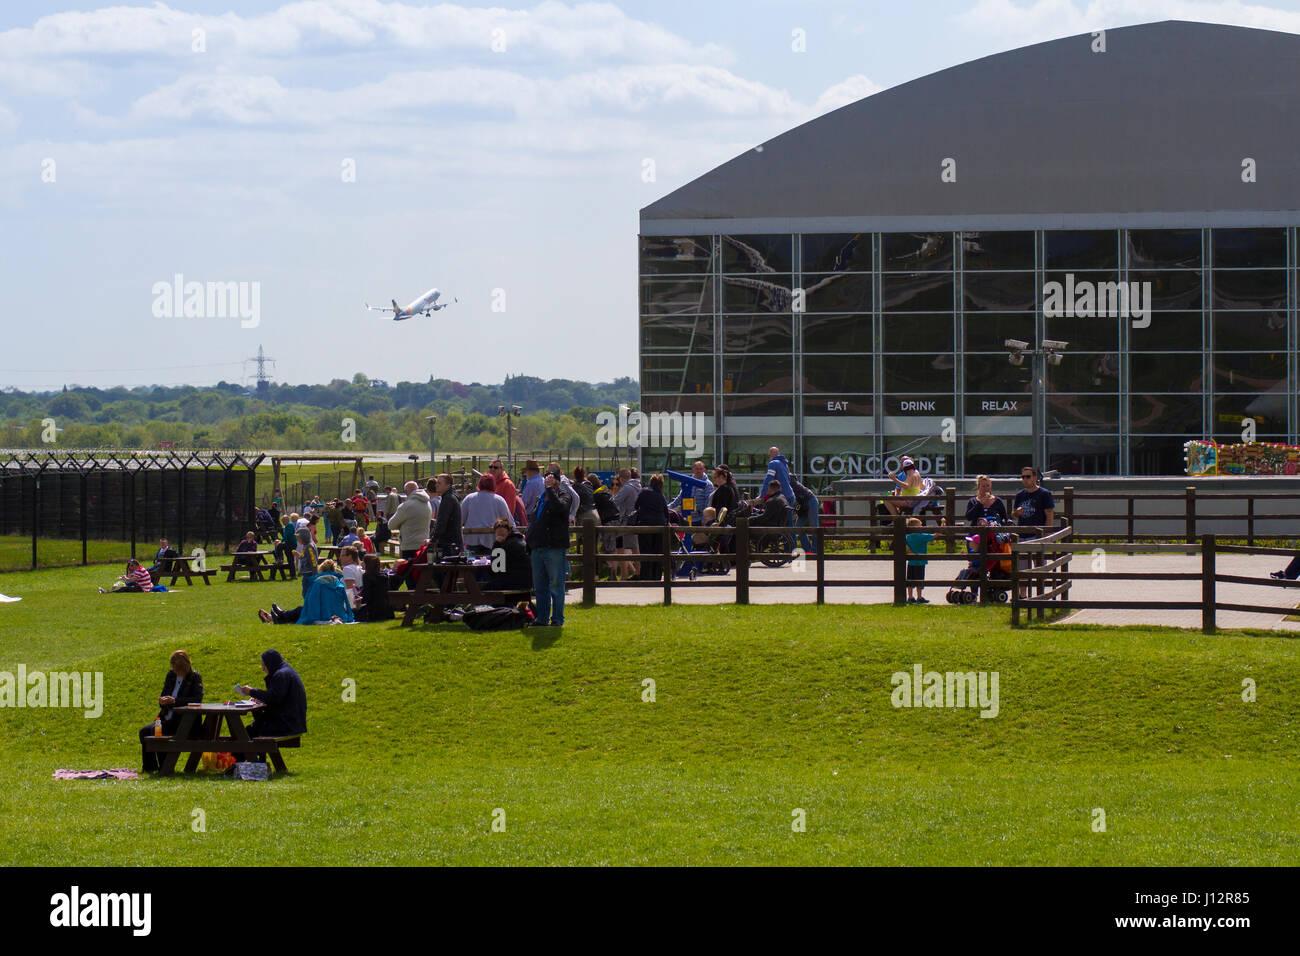 Planespotters viendo los aviones en el aeropuerto de Manchester Aviation Ver Park Imagen De Stock